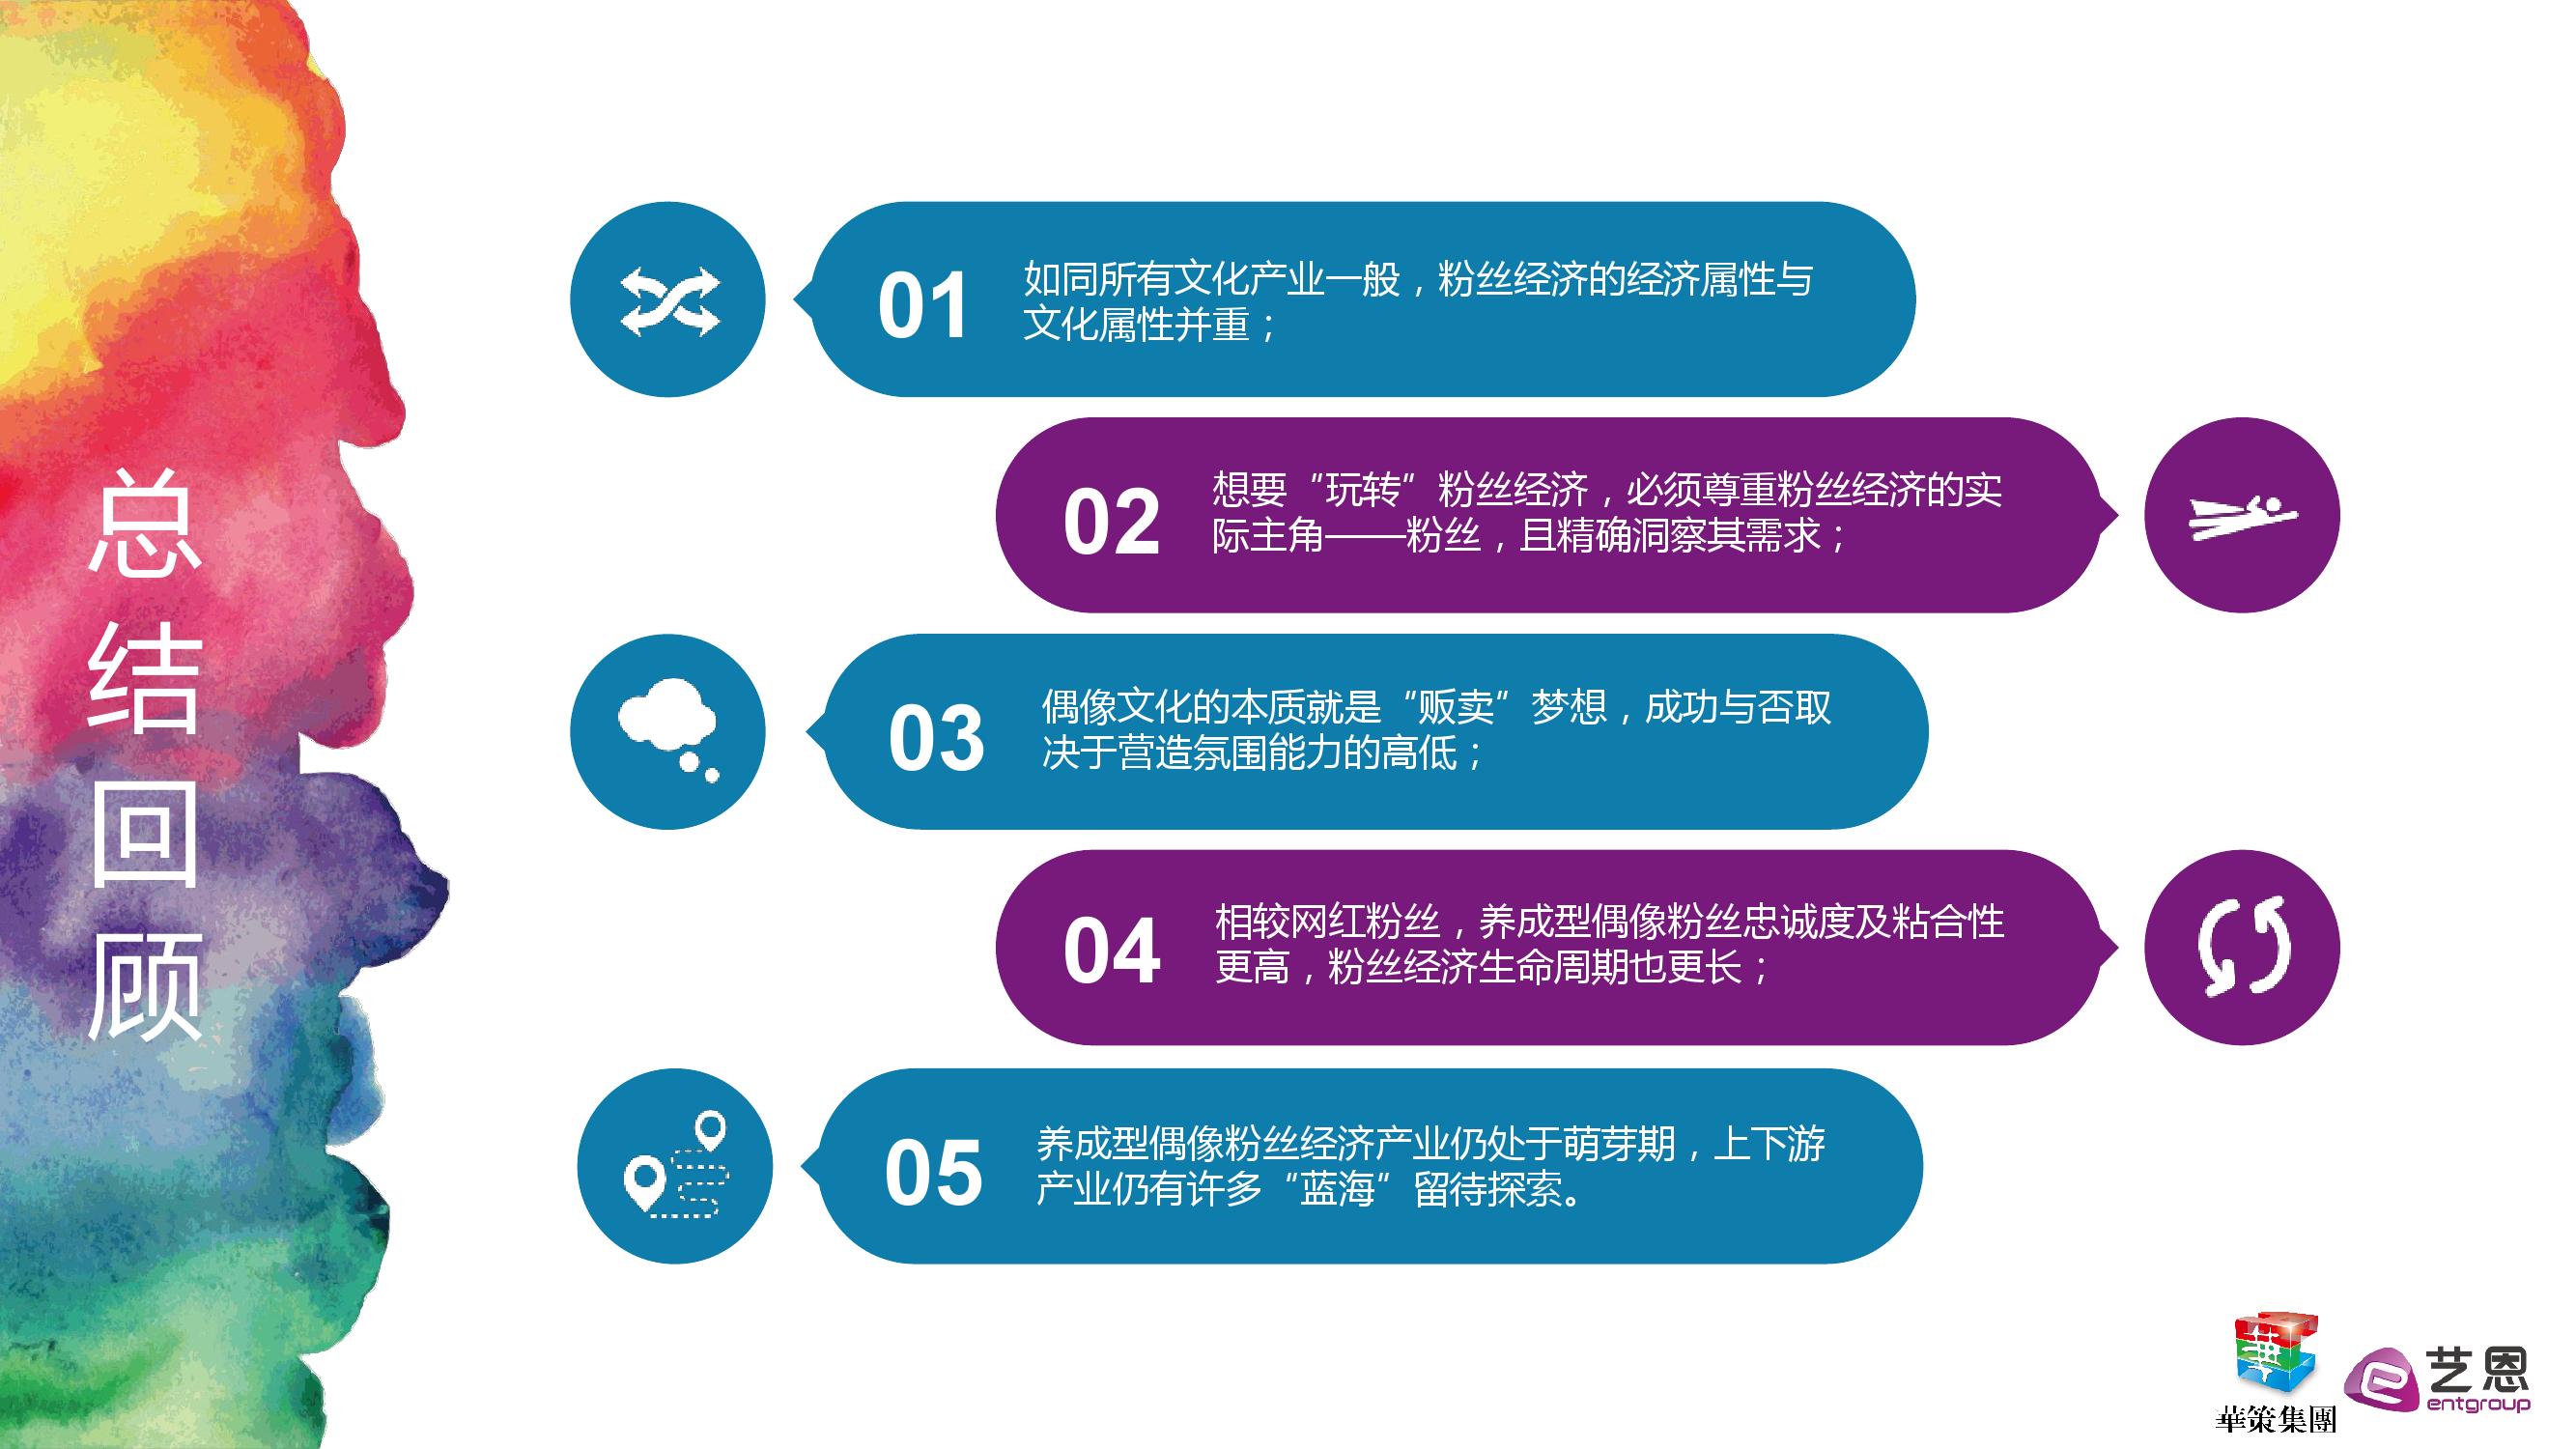 艺恩:粉丝经济研究报告_000034